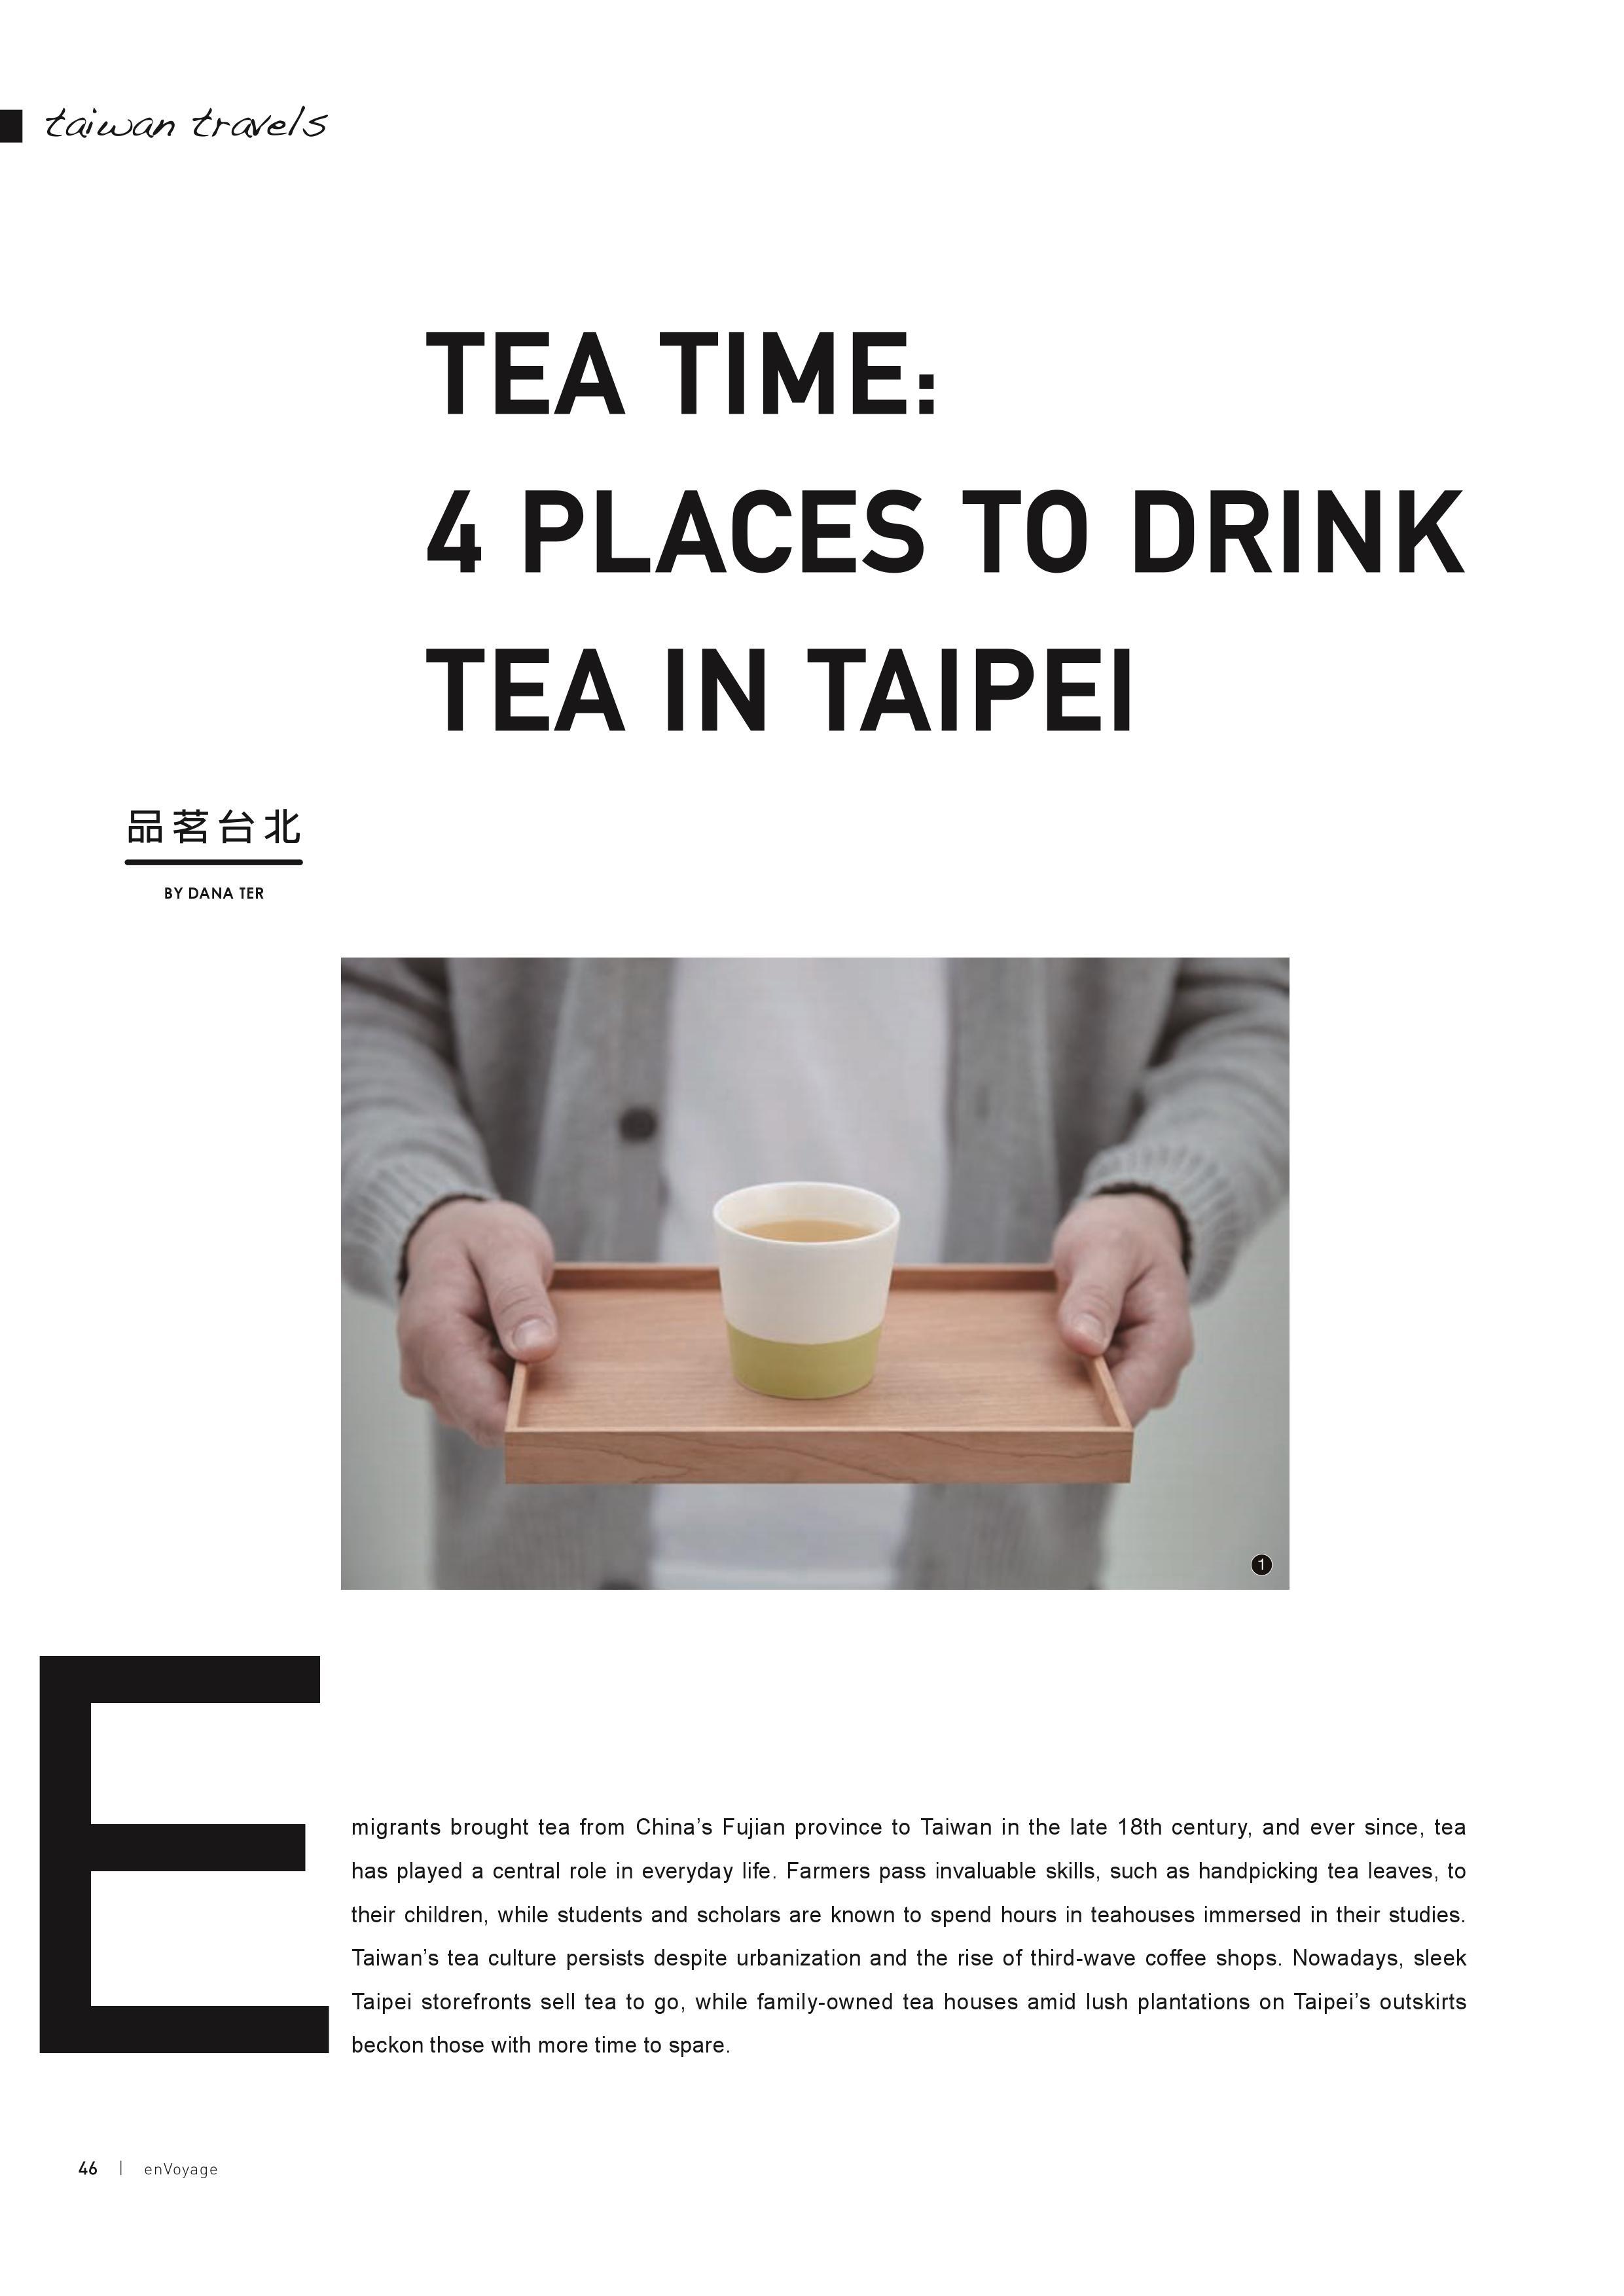 Tea page 46